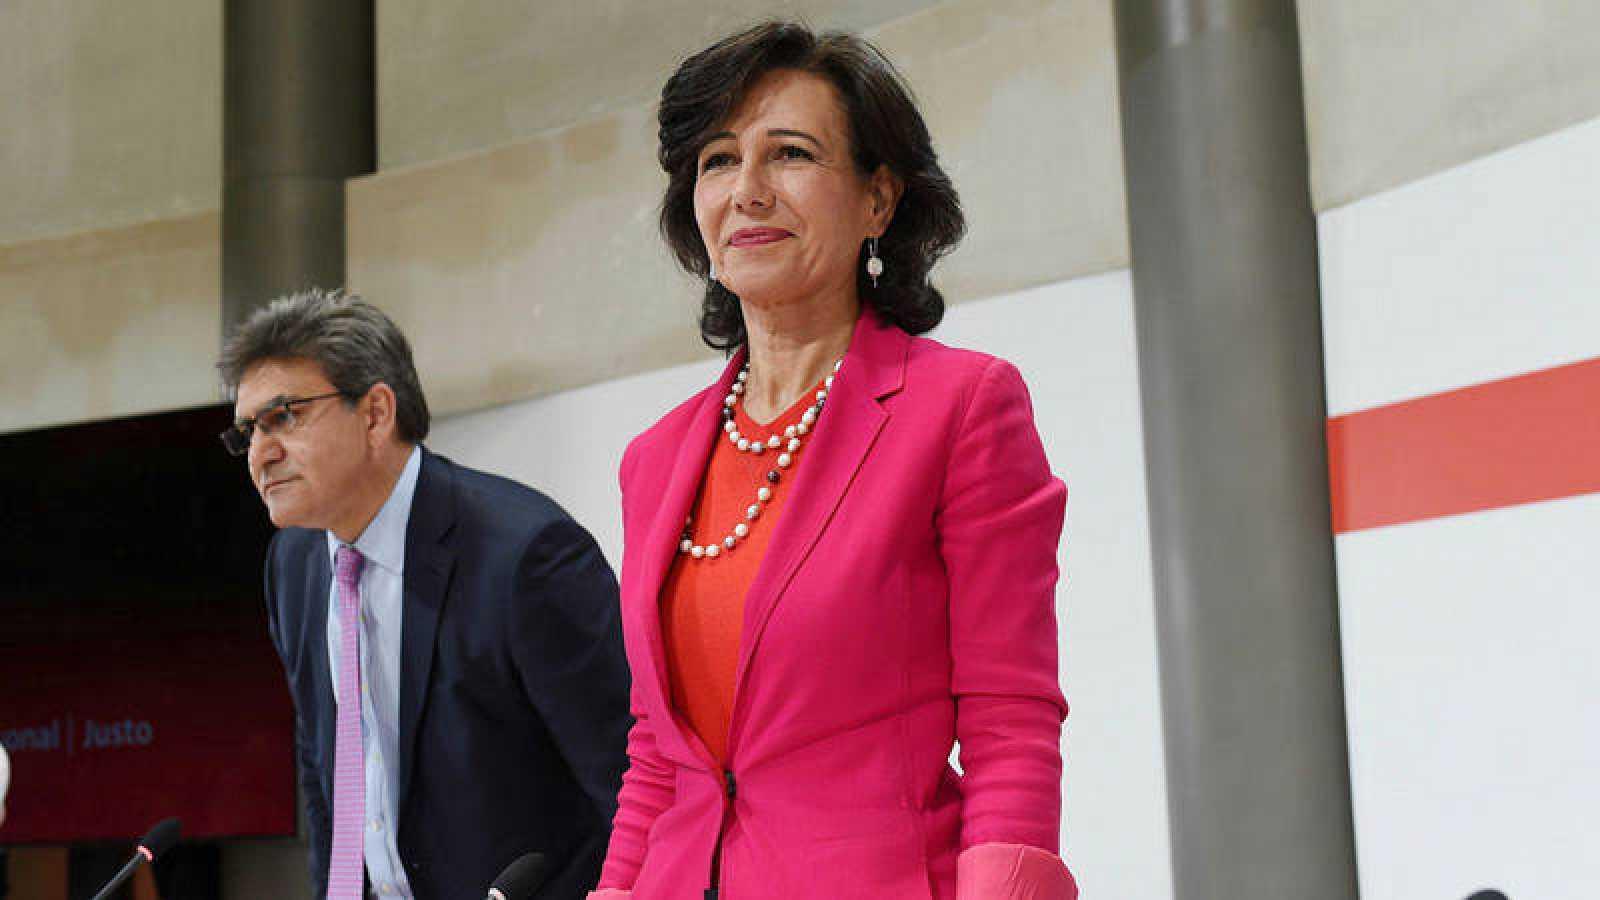 La presidenta del Banco Santander, Ana Botín, informa sobre la compra del Popular en junio